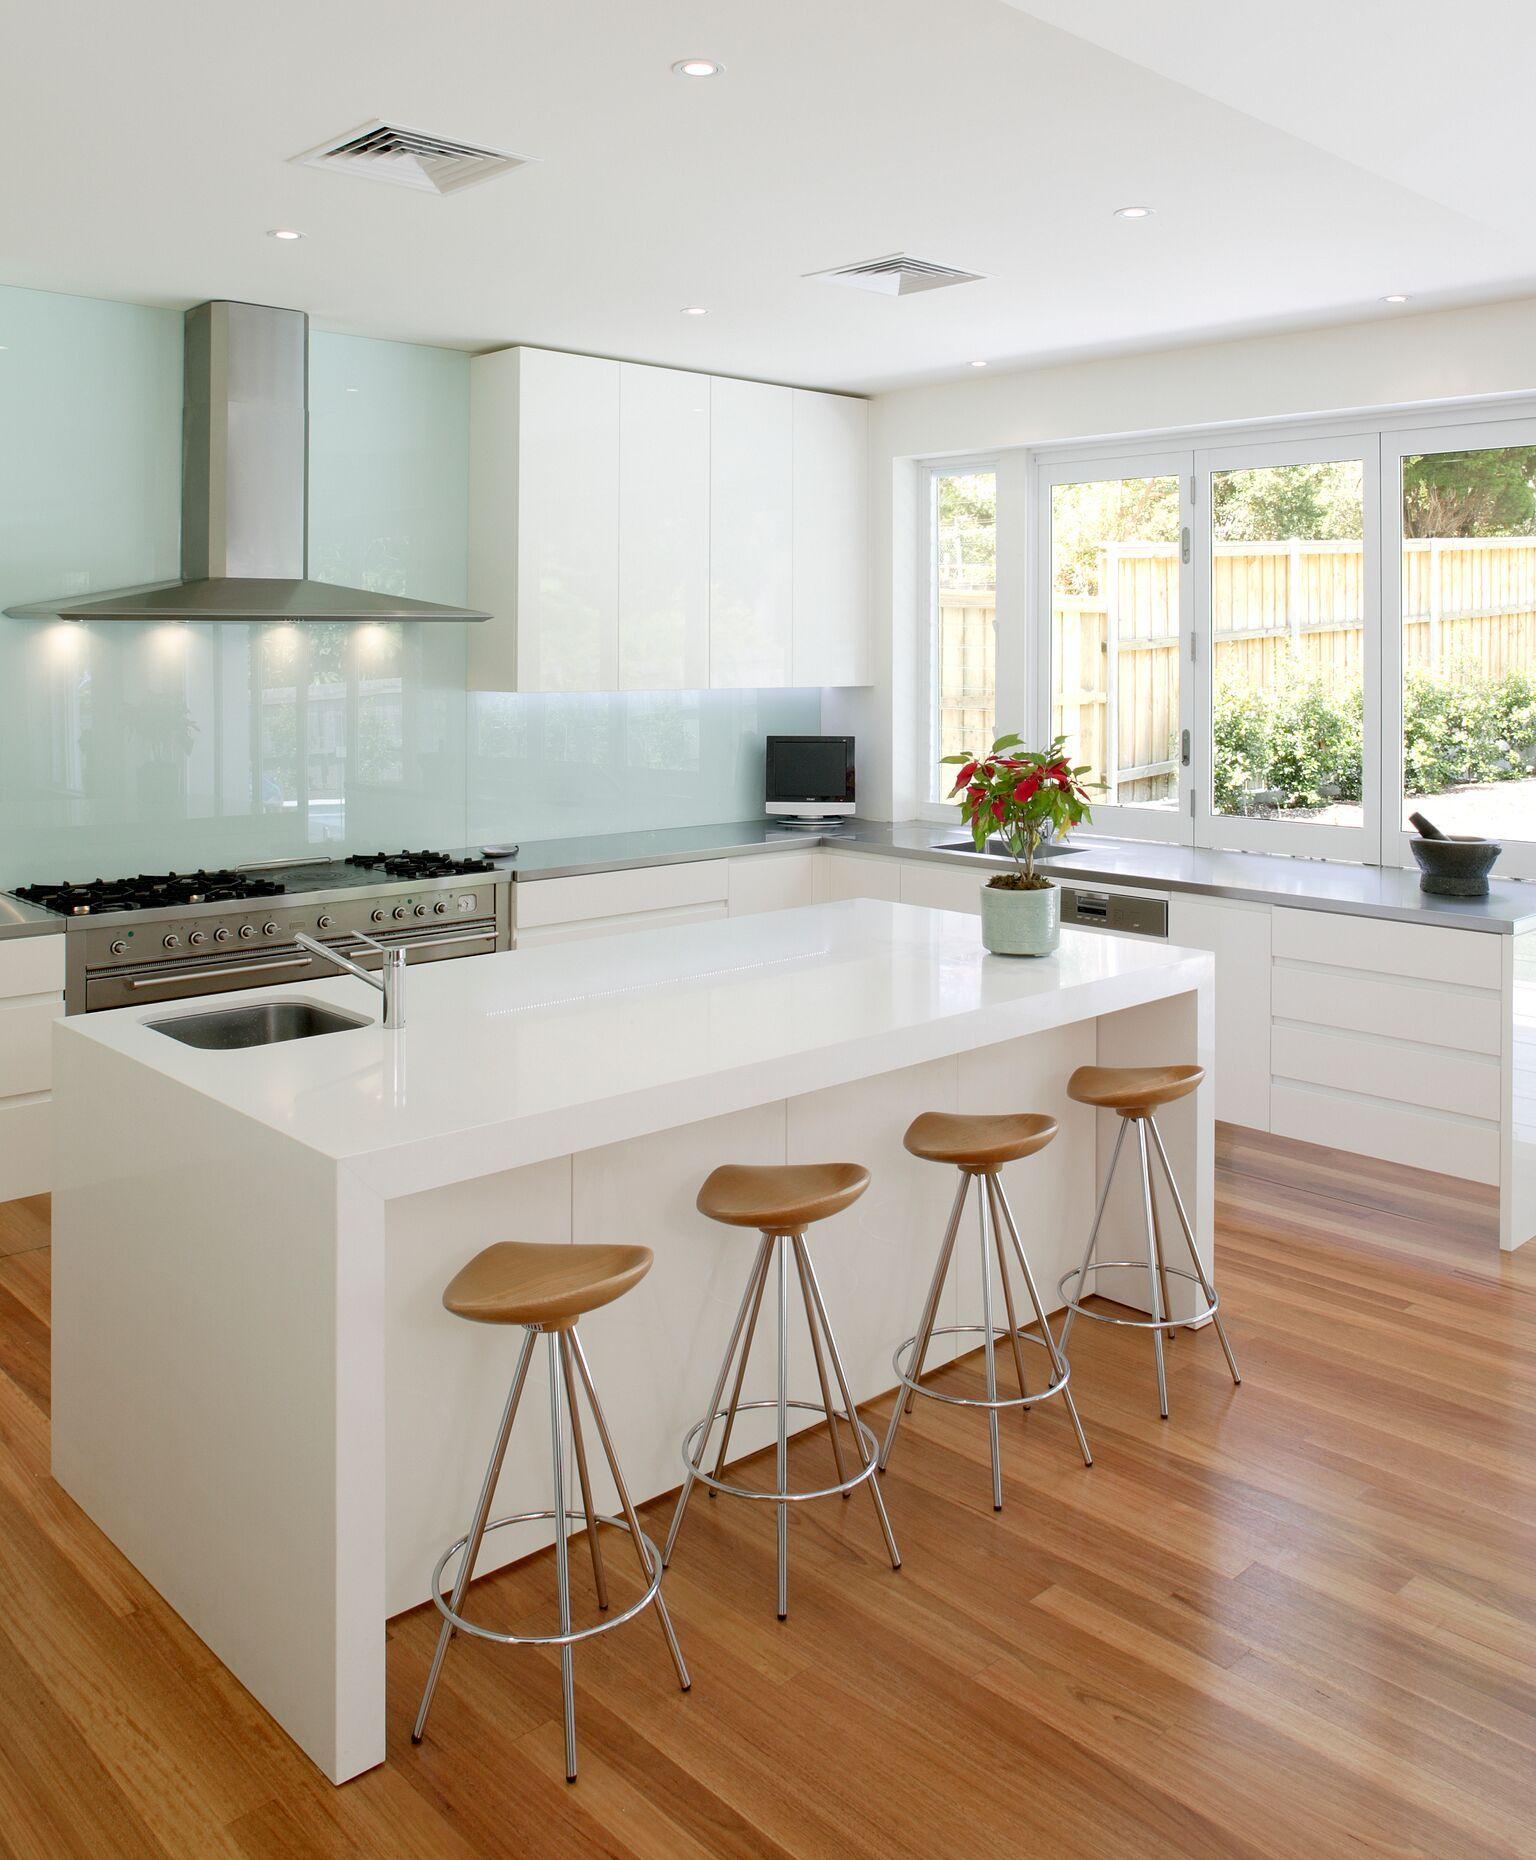 Vicostone kitchen countertops in Pure White | Kitchens in ...